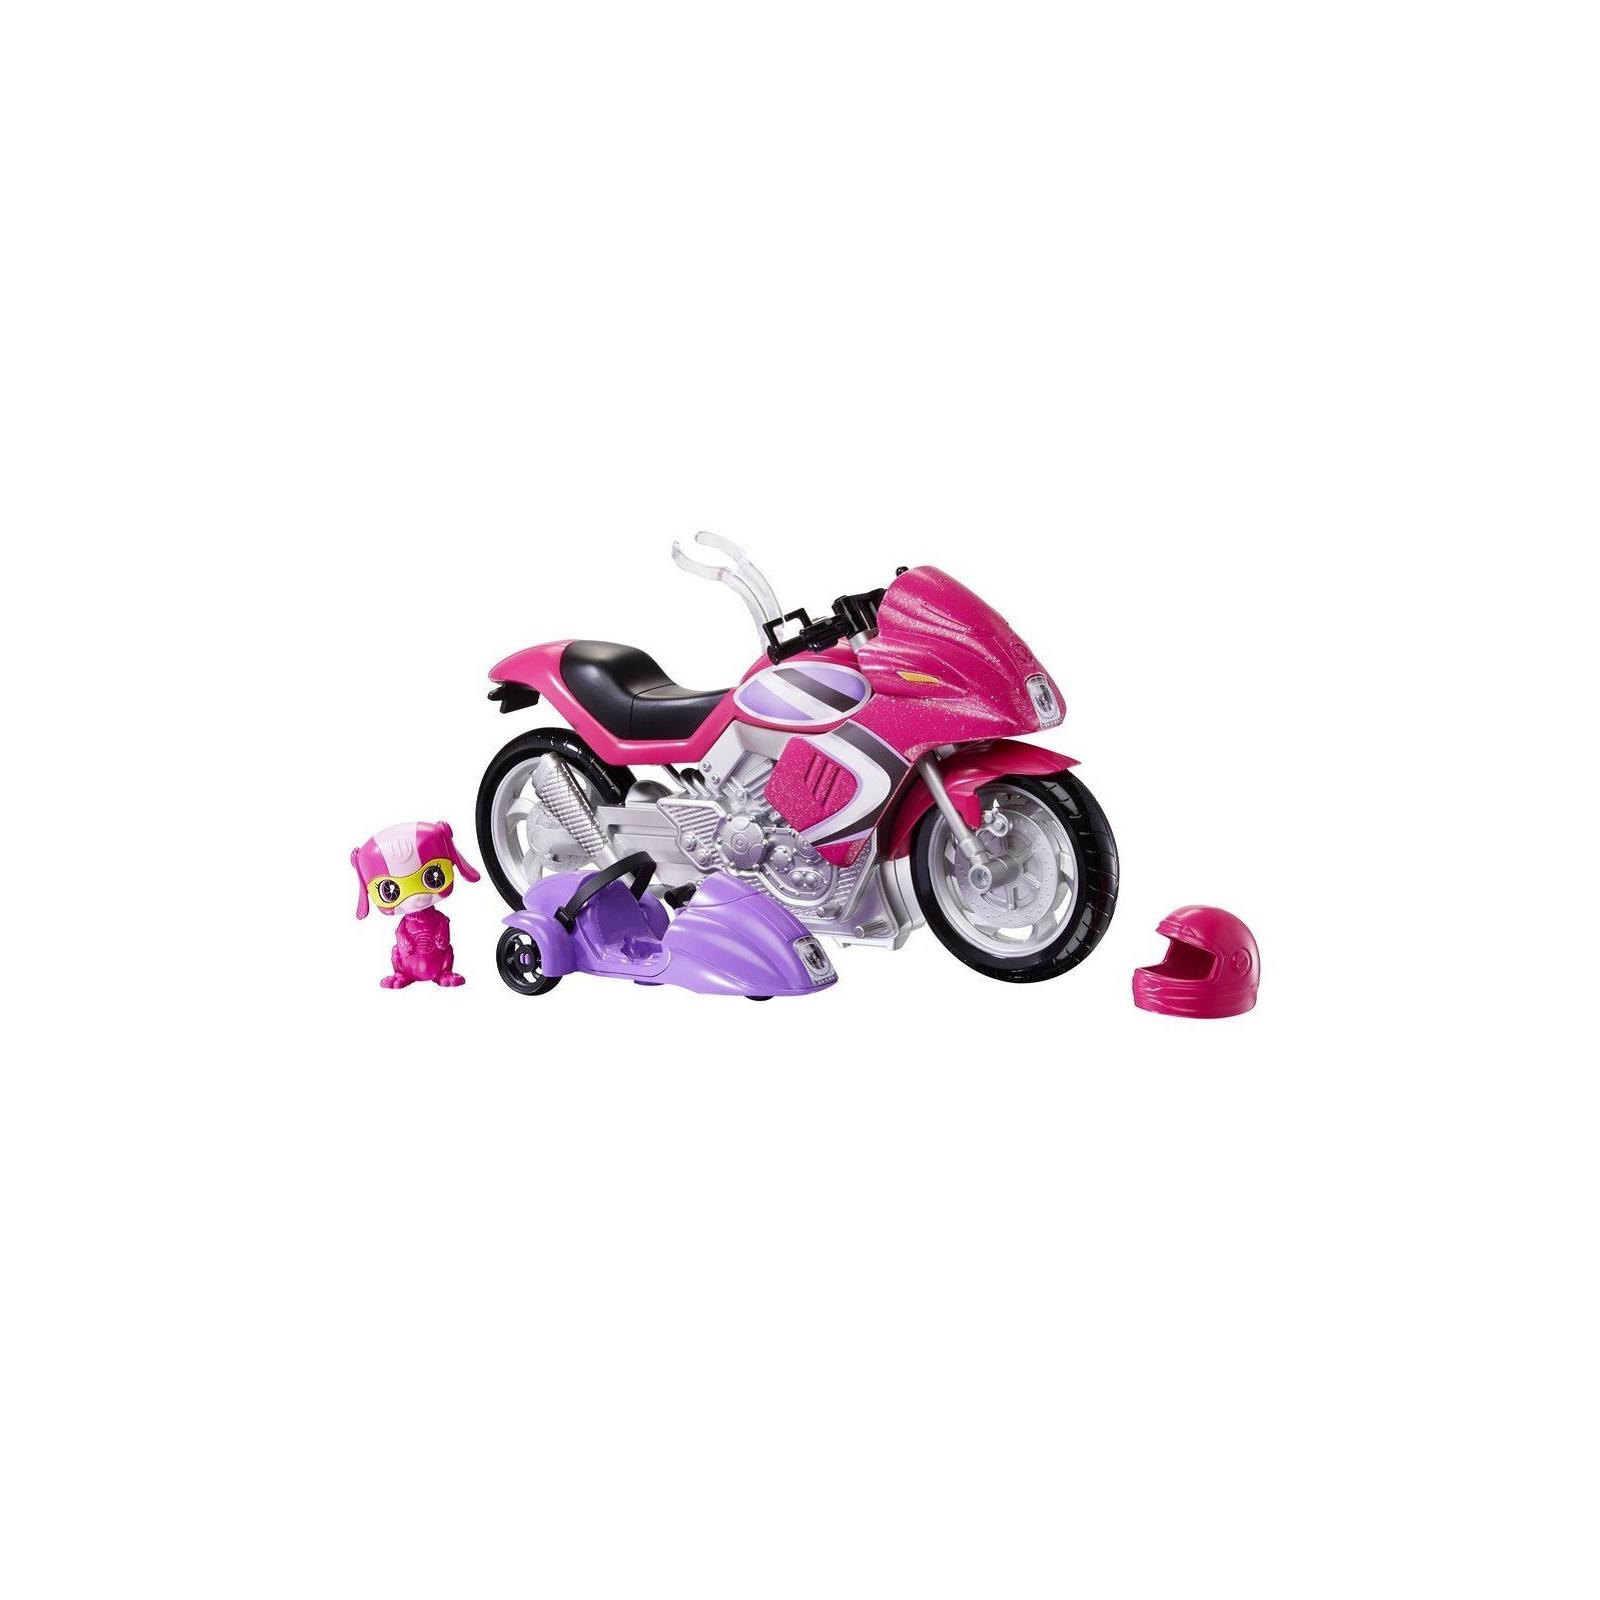 Кукла Barbie Шпионский мотоцикл Шпионская история (DHF21) изображение 4